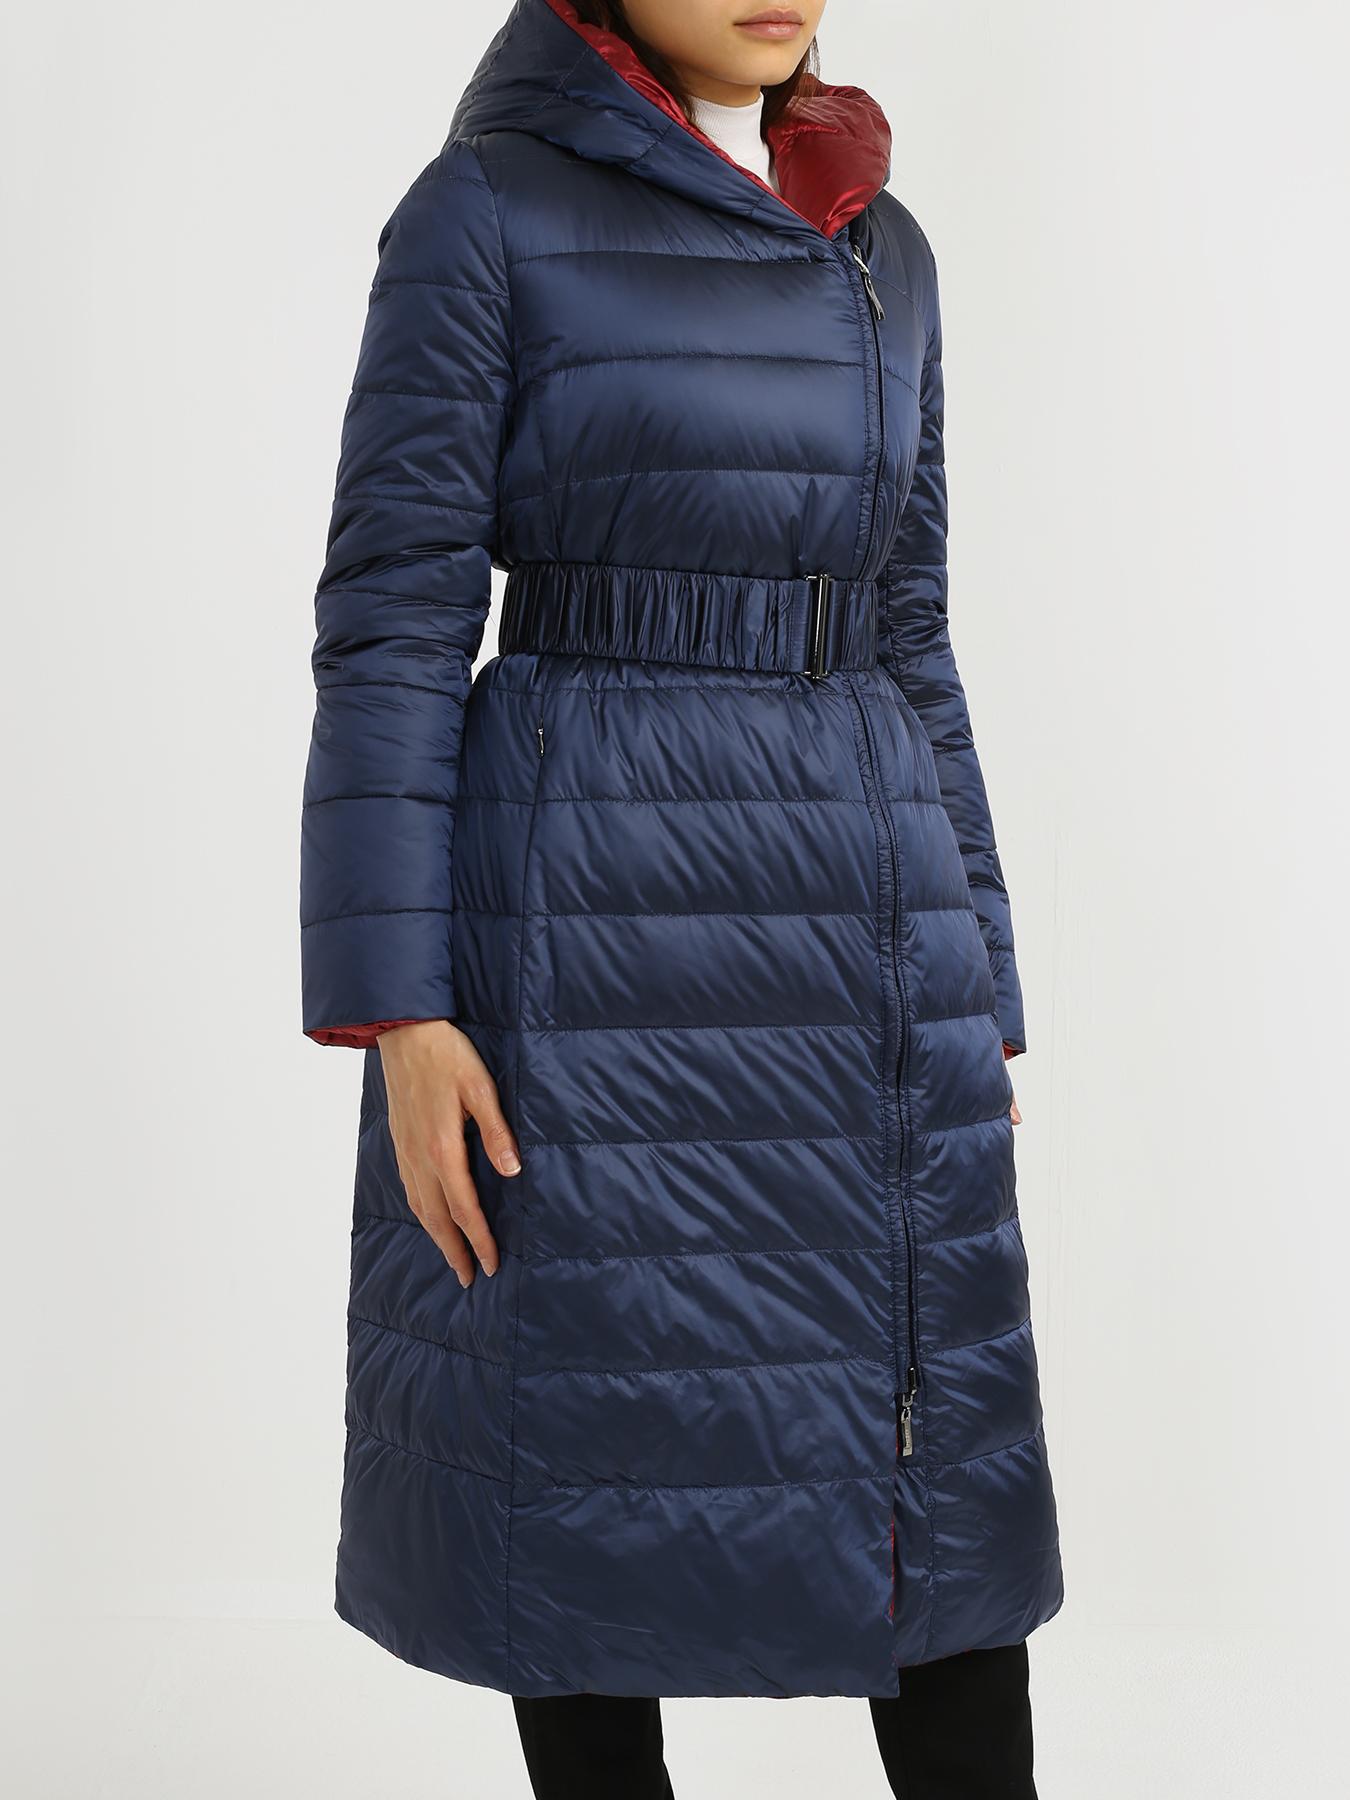 Пальто ORSA Couture Двусторонний пуховик